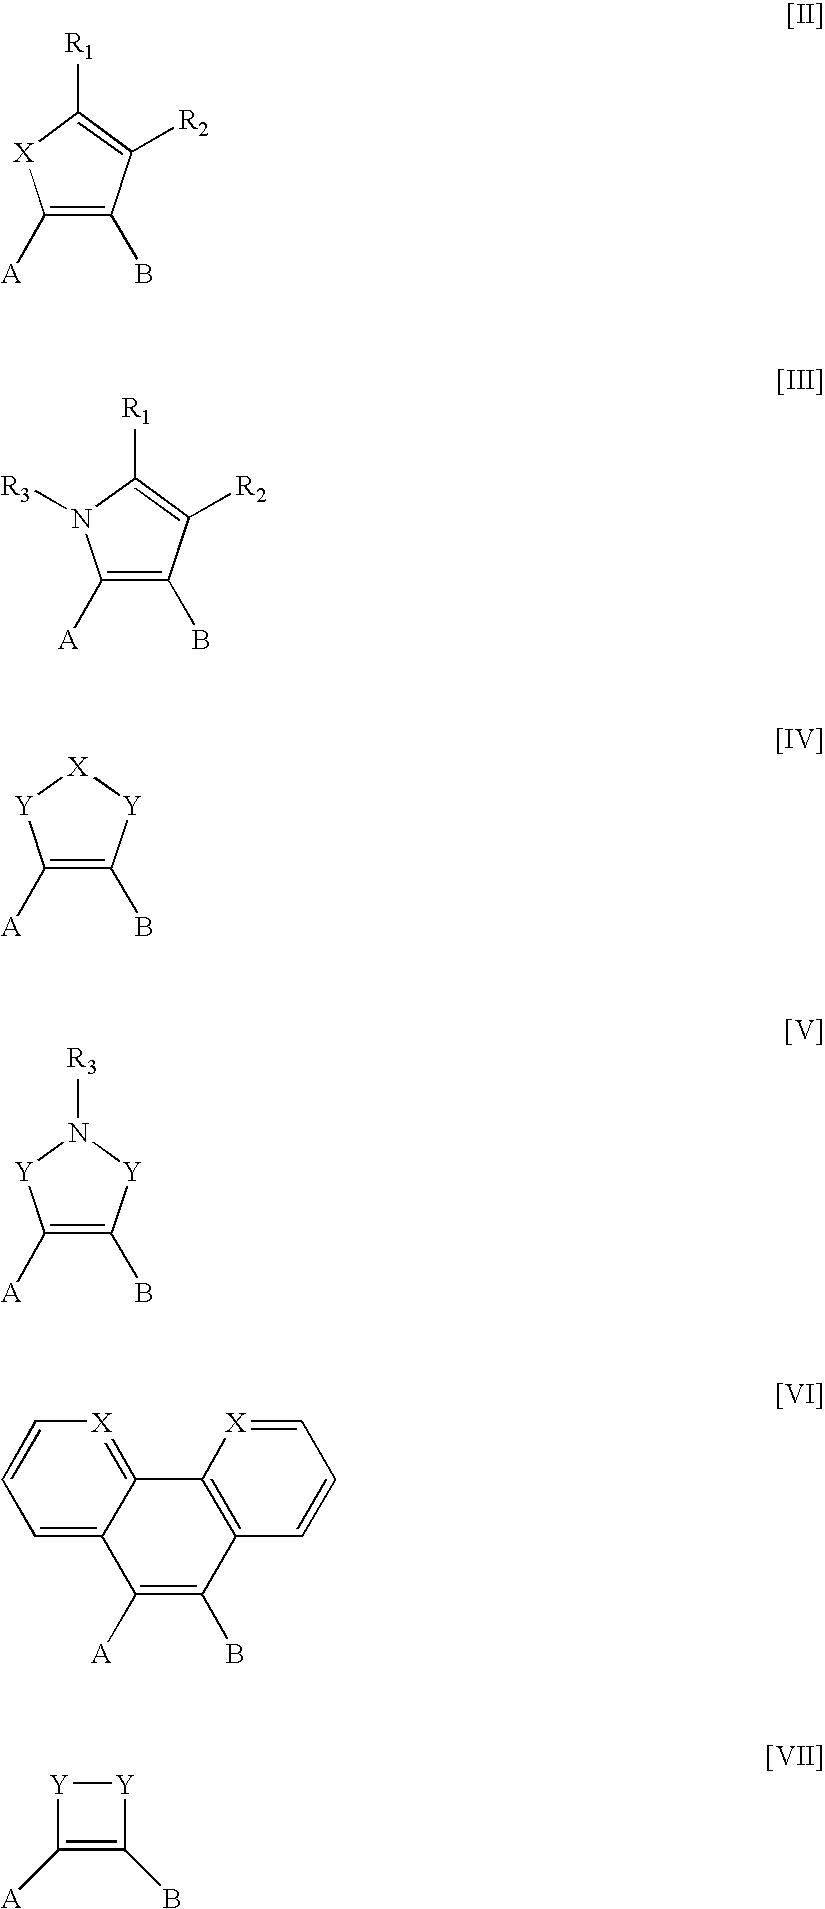 Figure US07572560-20090811-C00016